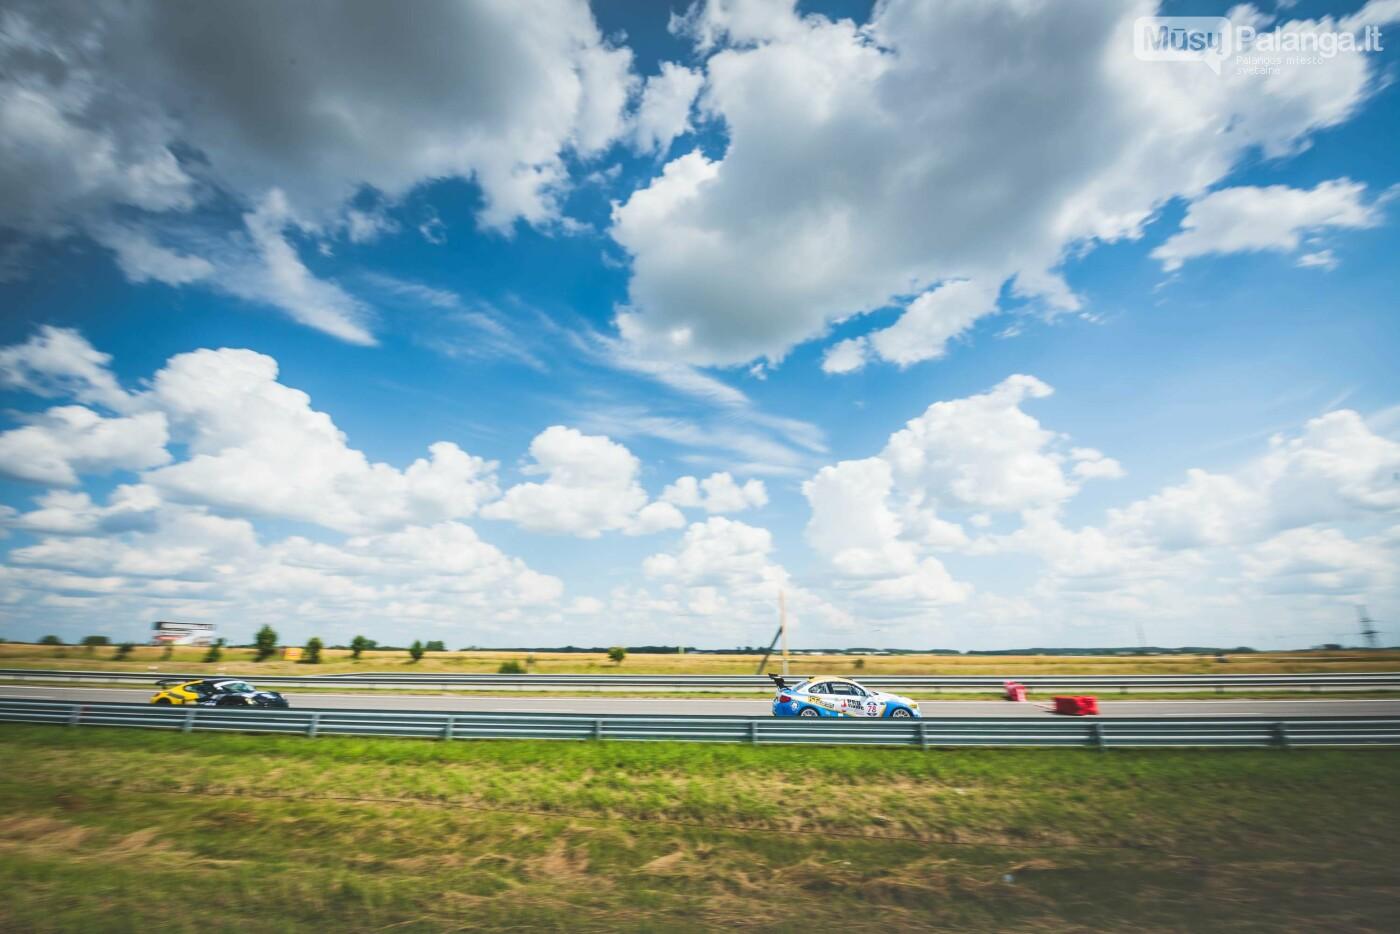 """Pirmoji """"Aurum 1006 km lenktynių"""" repeticija, nuotrauka-30, Arno STRUMILOS nuotr."""